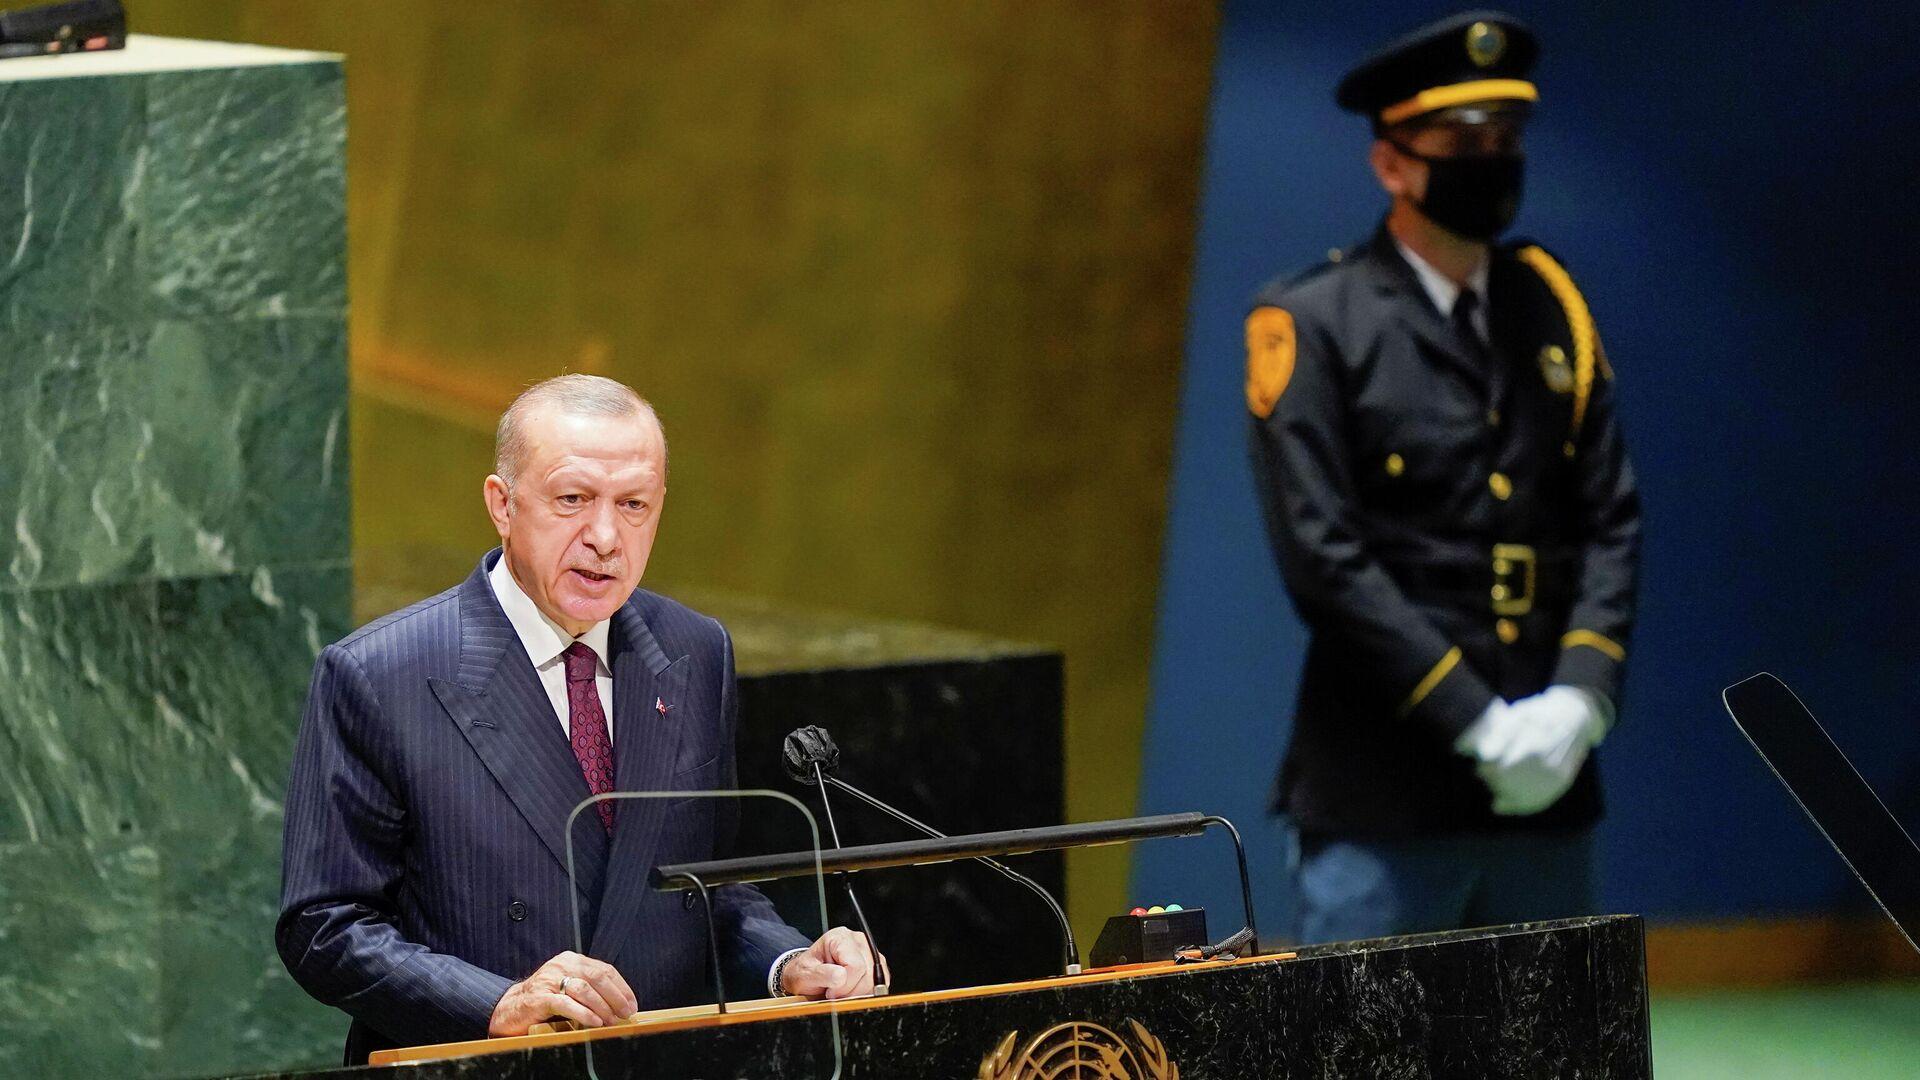 Президент Турции Тайип Эрдоган выступает на сессии Генеральной Ассамблеи ООН в Нью-Йорке - РИА Новости, 1920, 23.09.2021